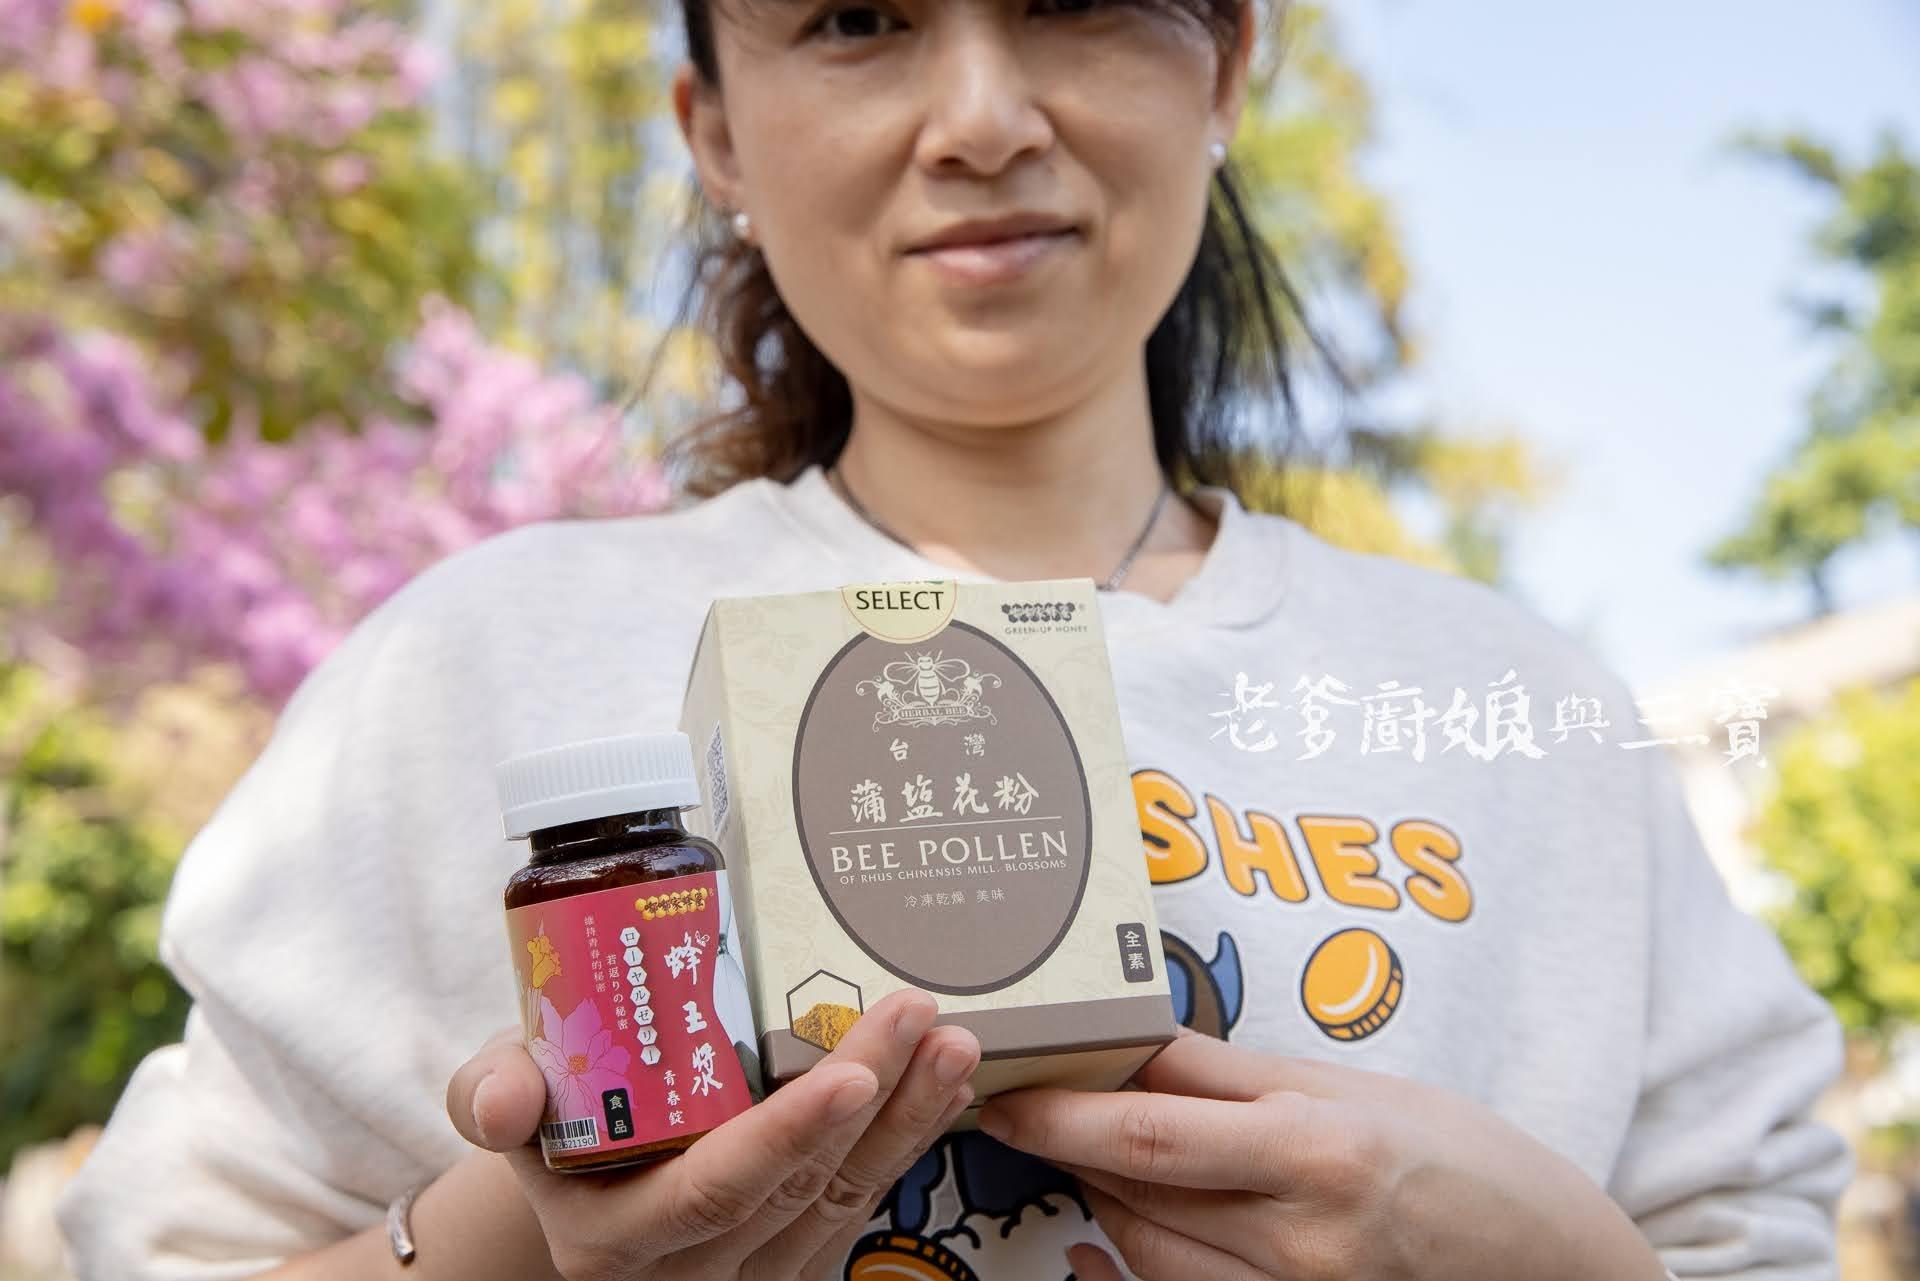 尋尋覓覓的蜂王漿原來就在嘟嘟家……嘟嘟家蜂蜜|台灣頂級蜂王漿青春錠&蒲鹽花粉